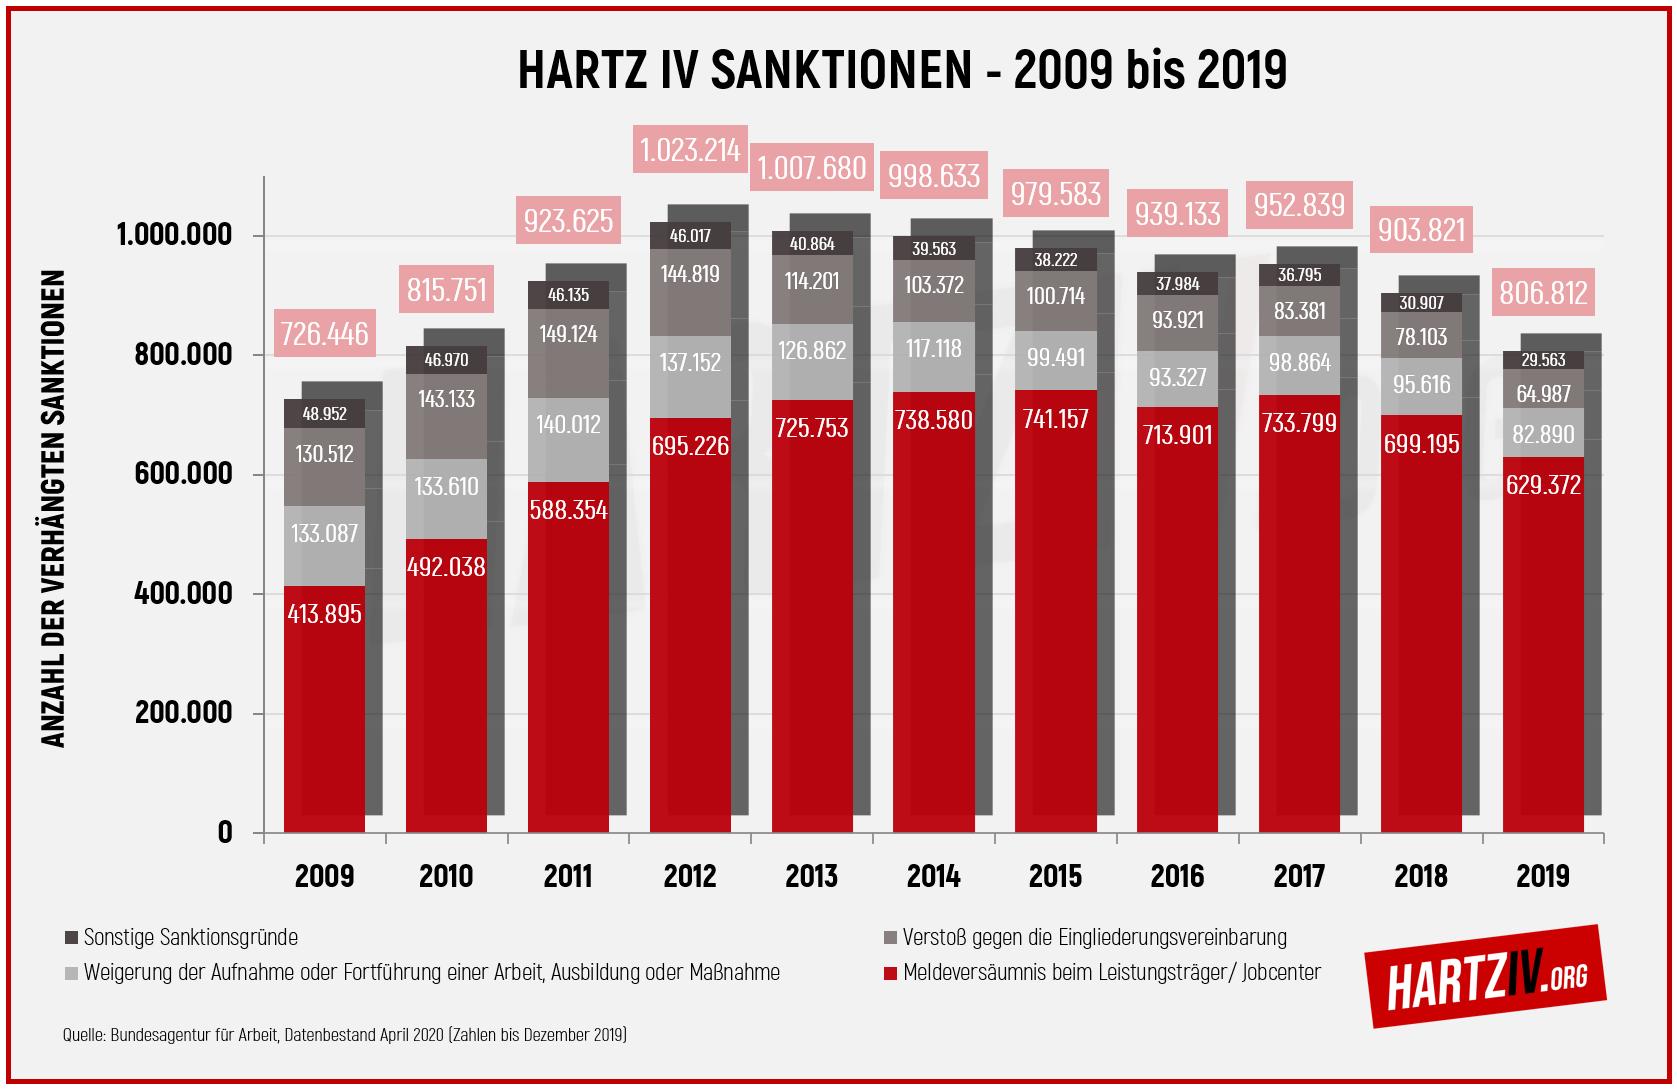 Statistik Diagramm Hartz IV Sanktionen bis 2019 (Stand April 2020)